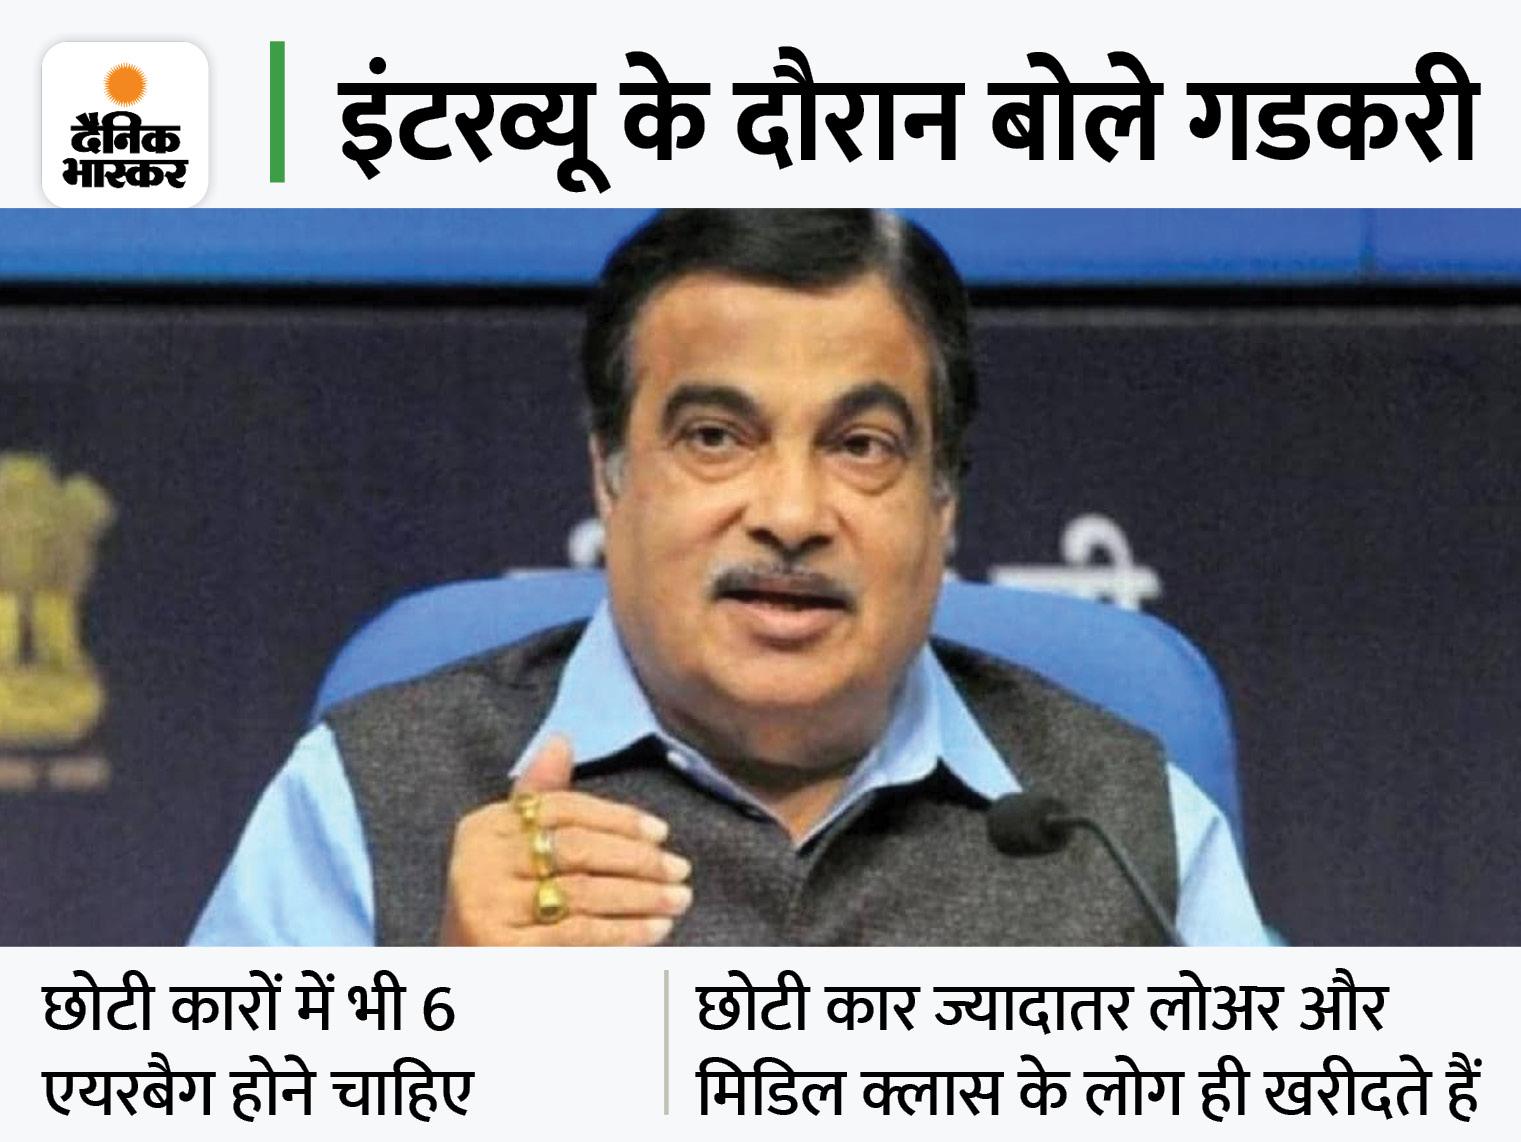 अमीरों की गाड़ियों में 8 एयरबैग और गरीब की में सिर्फ 2 क्यों, कहा- गरीबों को भी मिलनी चाहिए सुरक्षा|बिजनेस,Business - Dainik Bhaskar